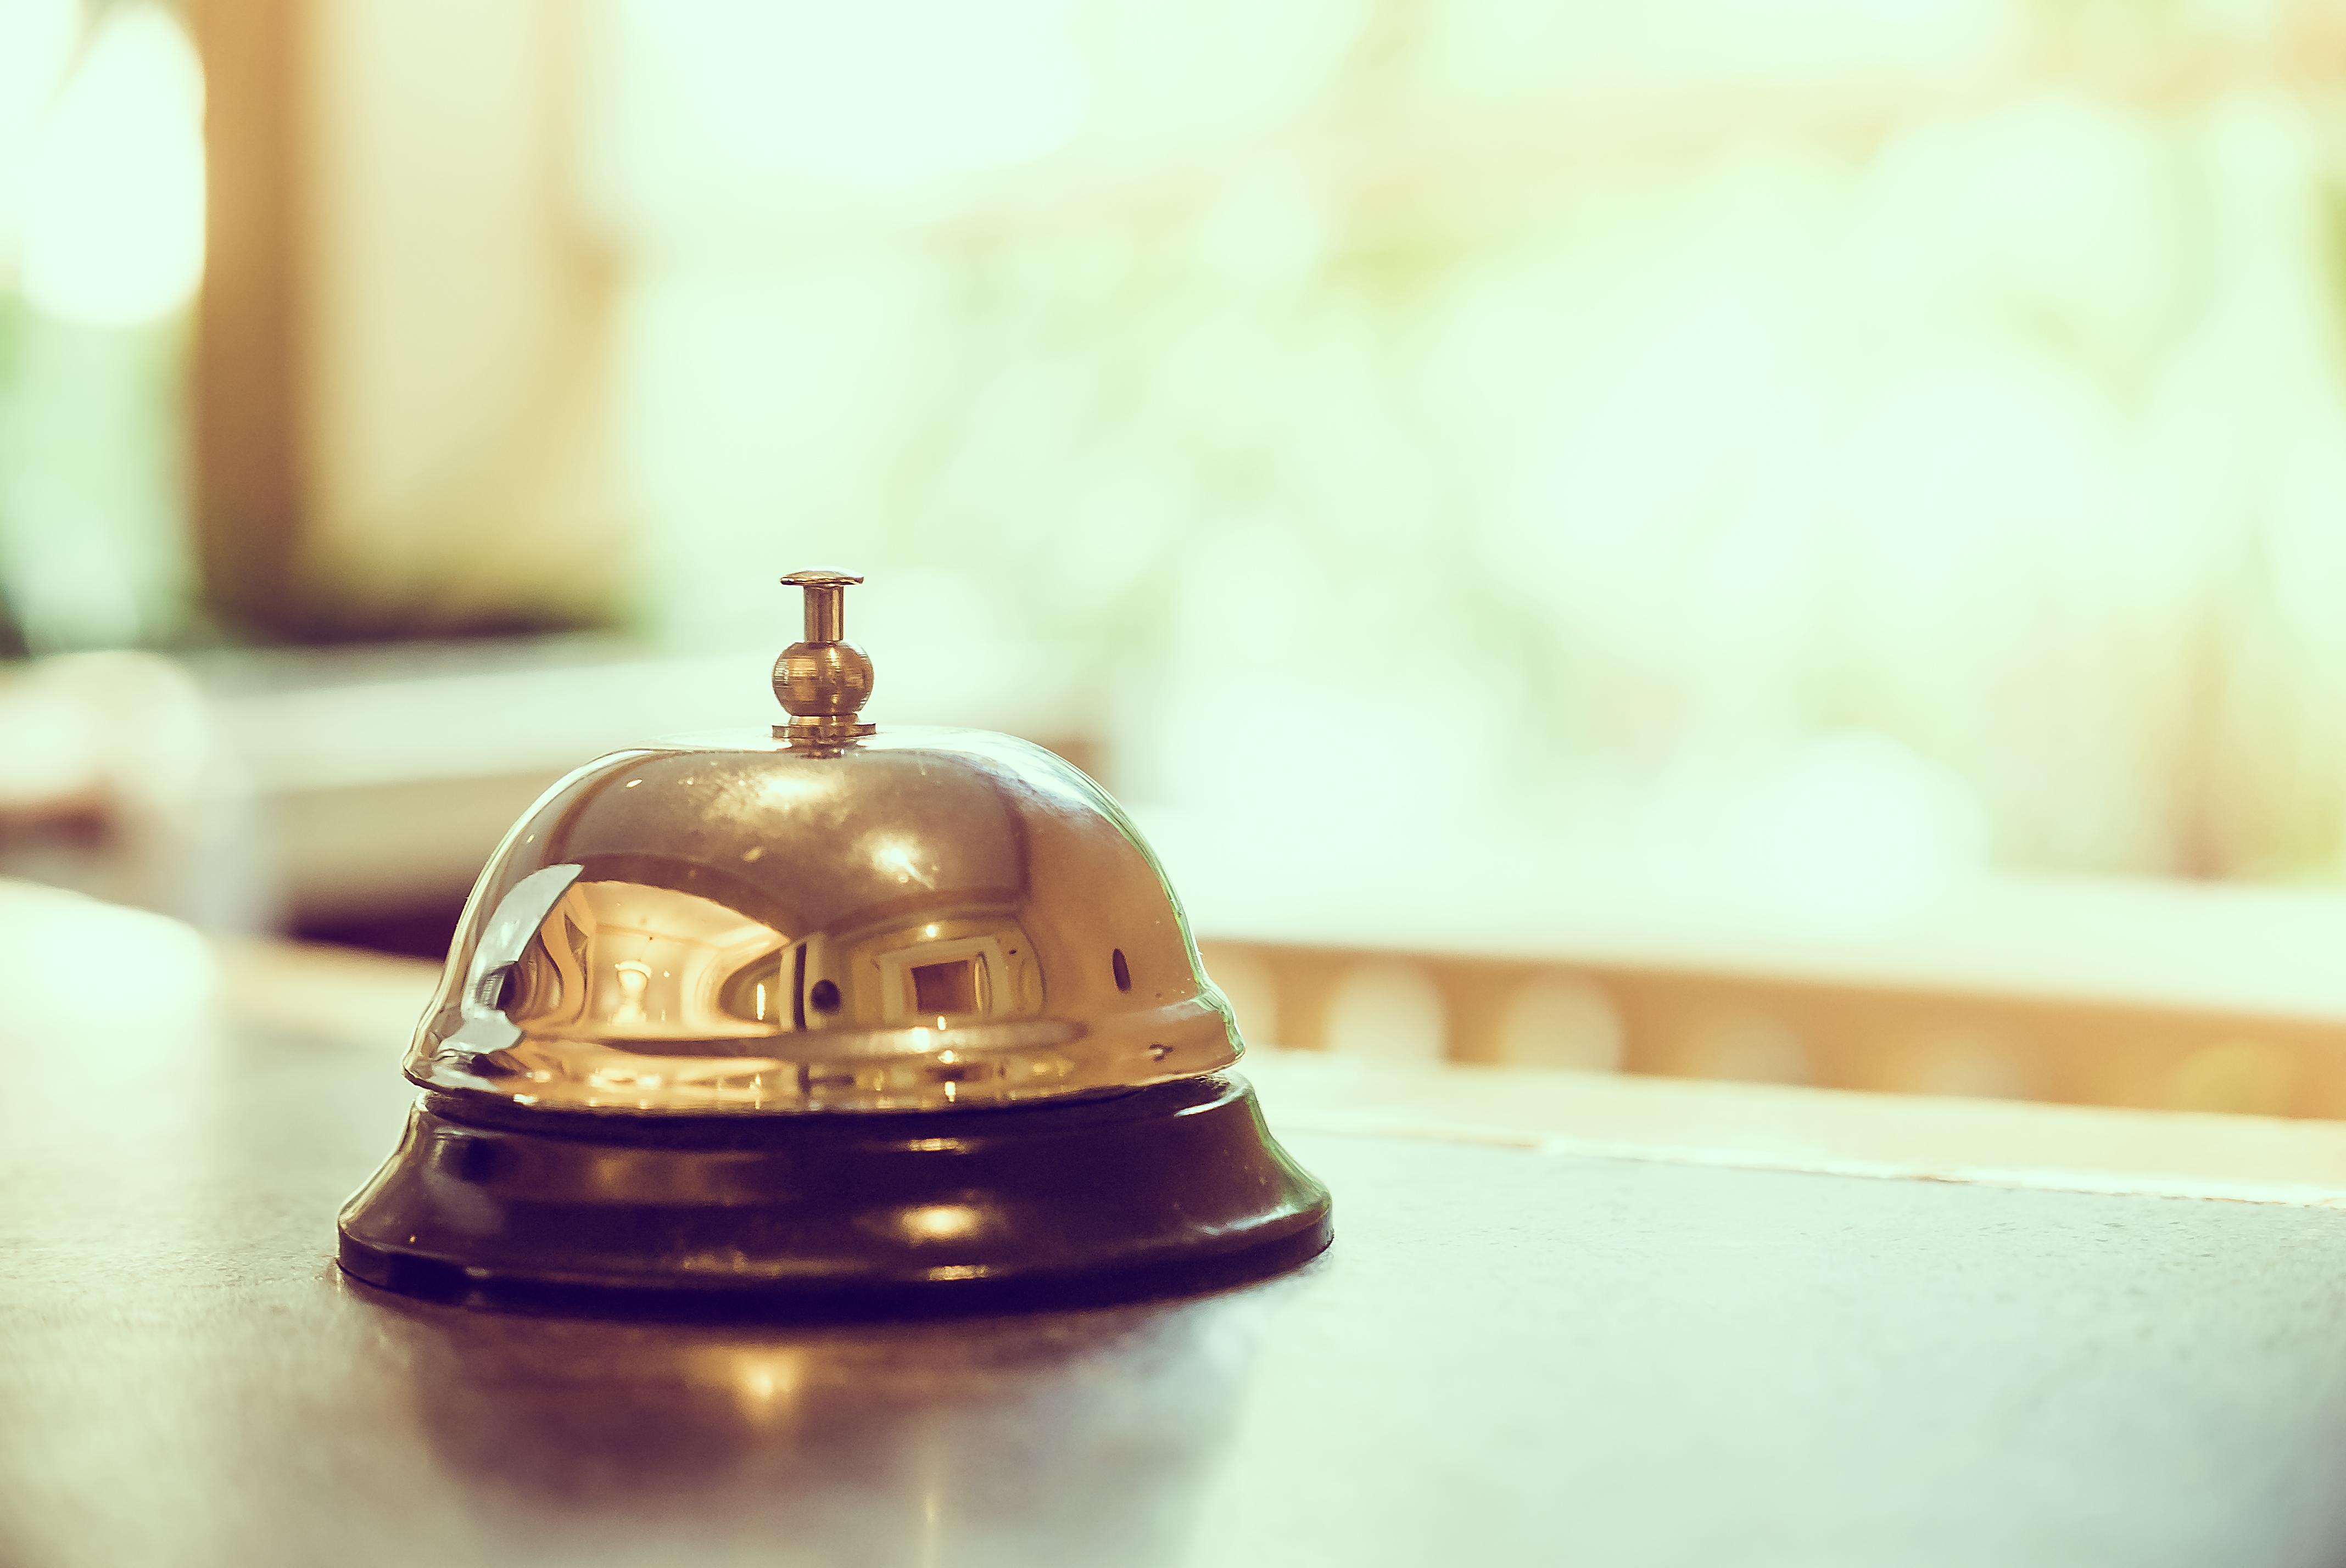 Çà recrute : Devenez Réceptionniste d'hôtel